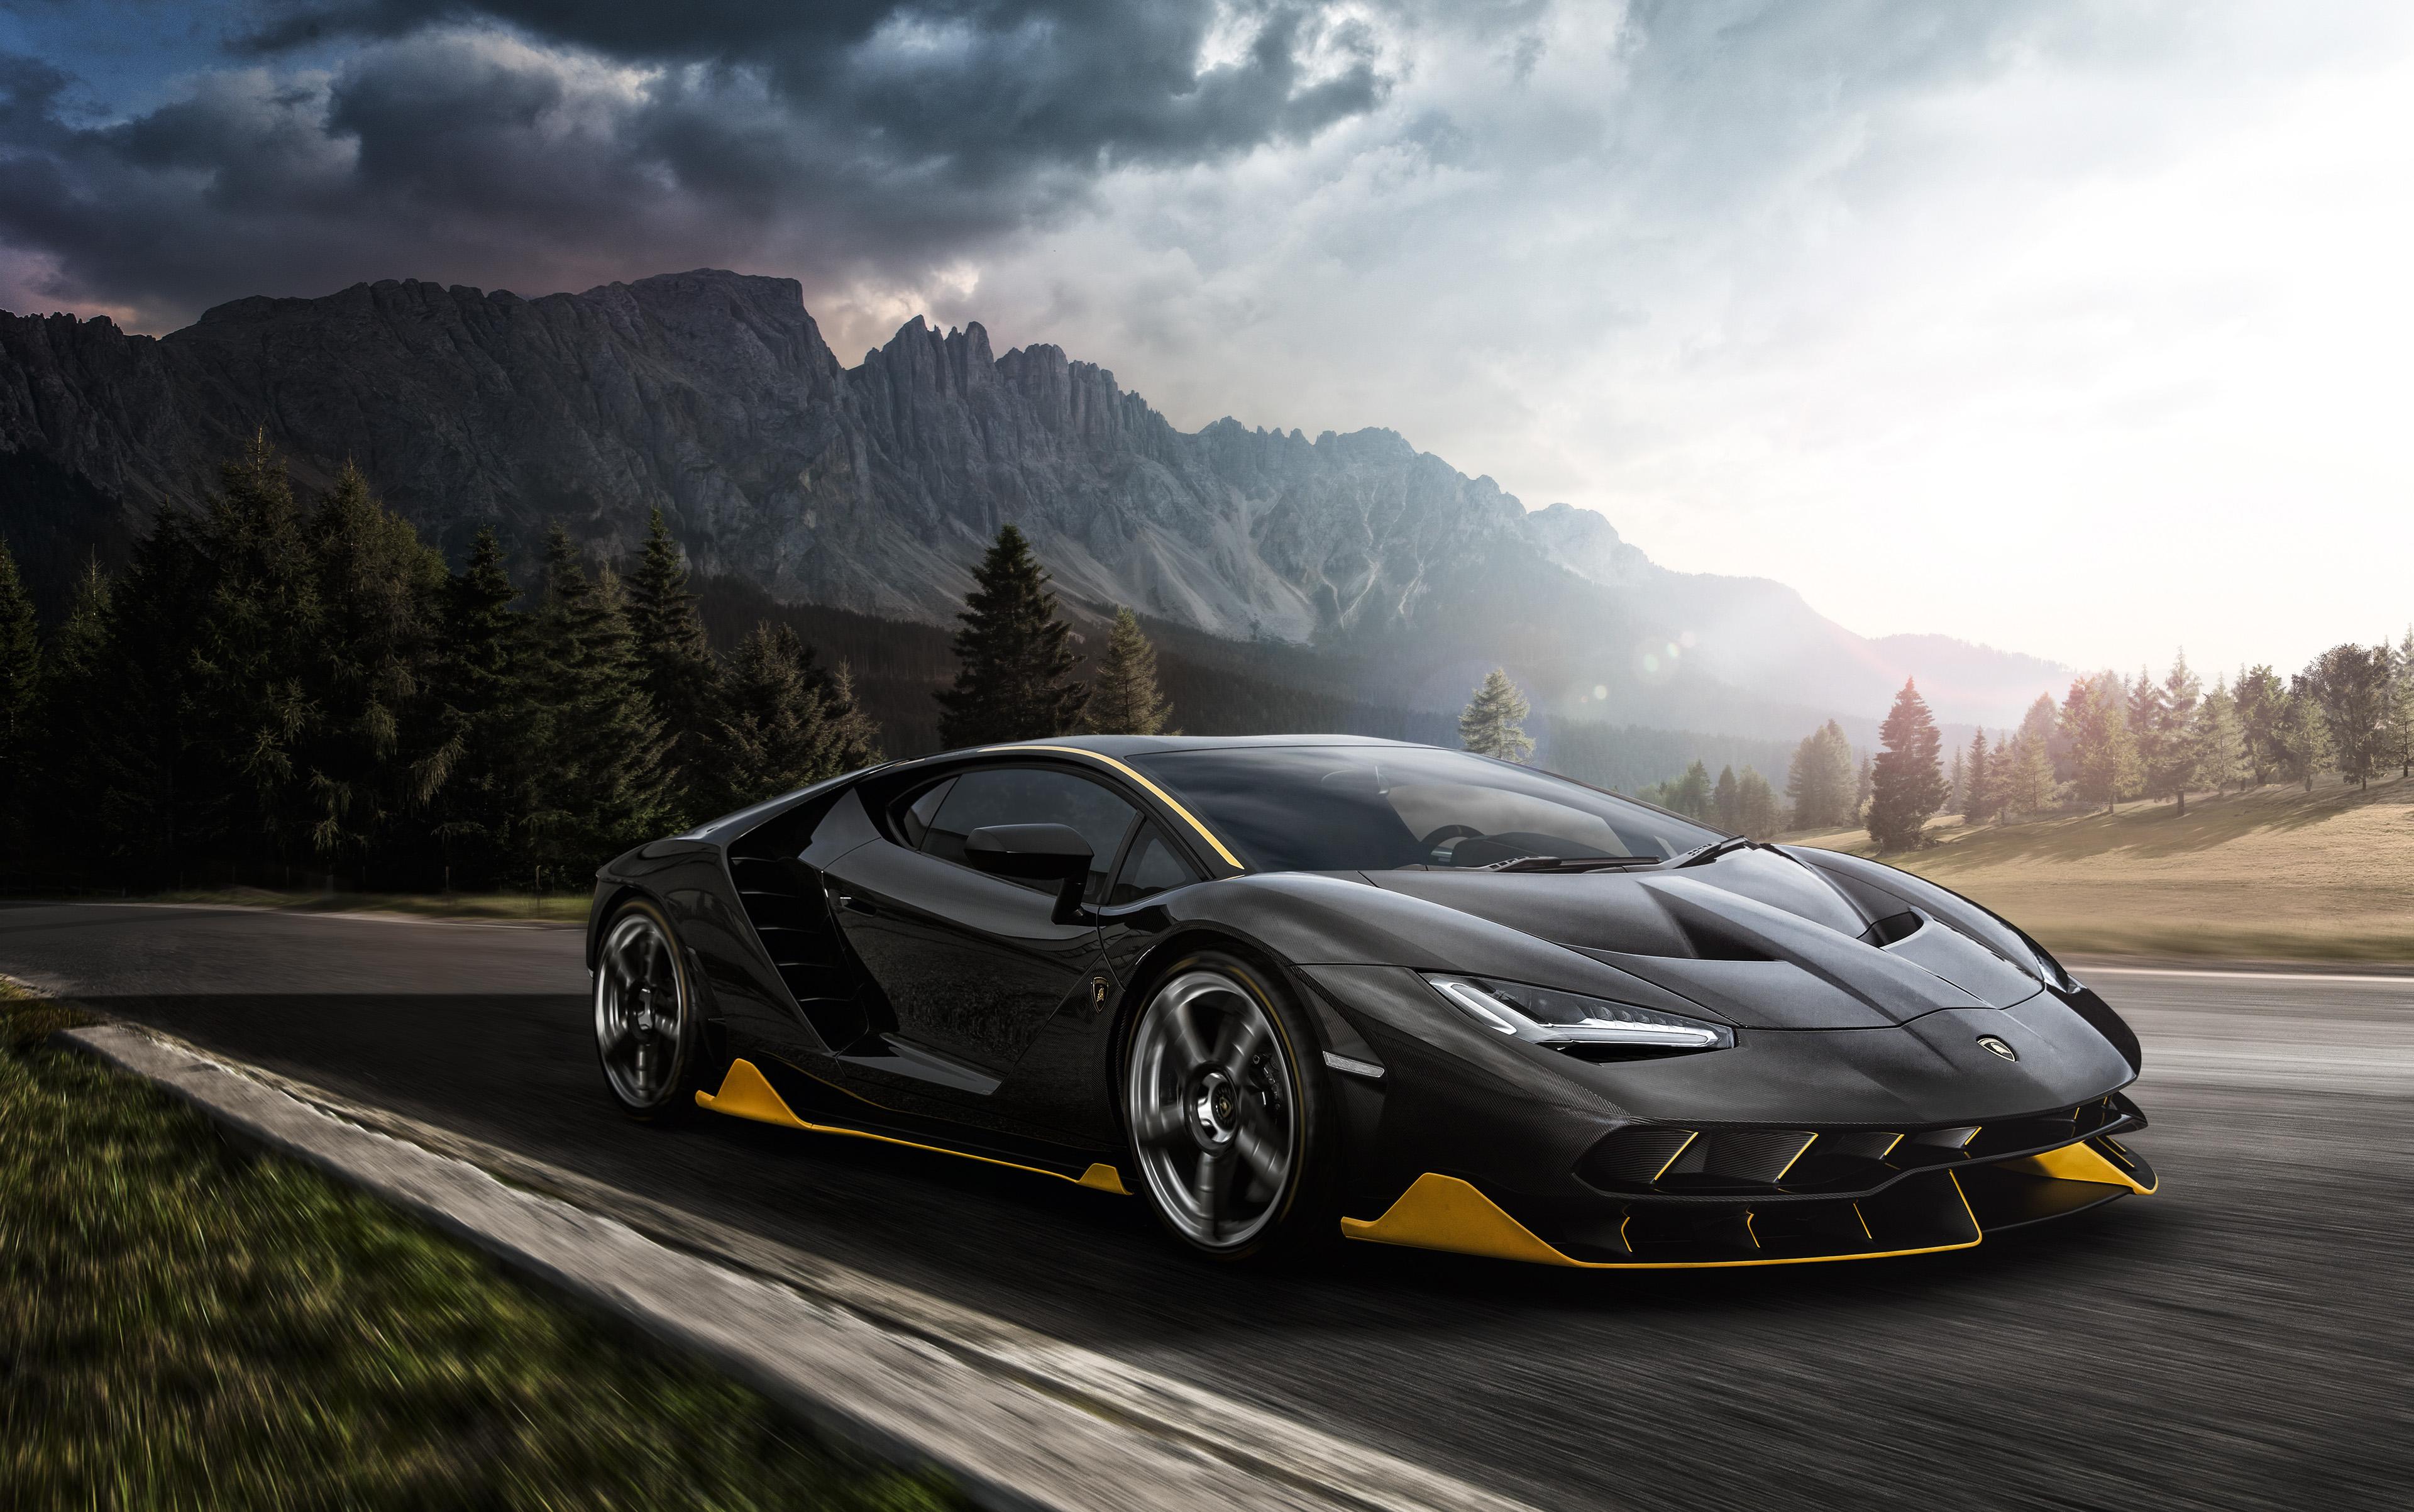 Lamborgini Sports Car Hd Wallpaper Black Lamborghini Aventador 4k 2018 Hd Cars 4k